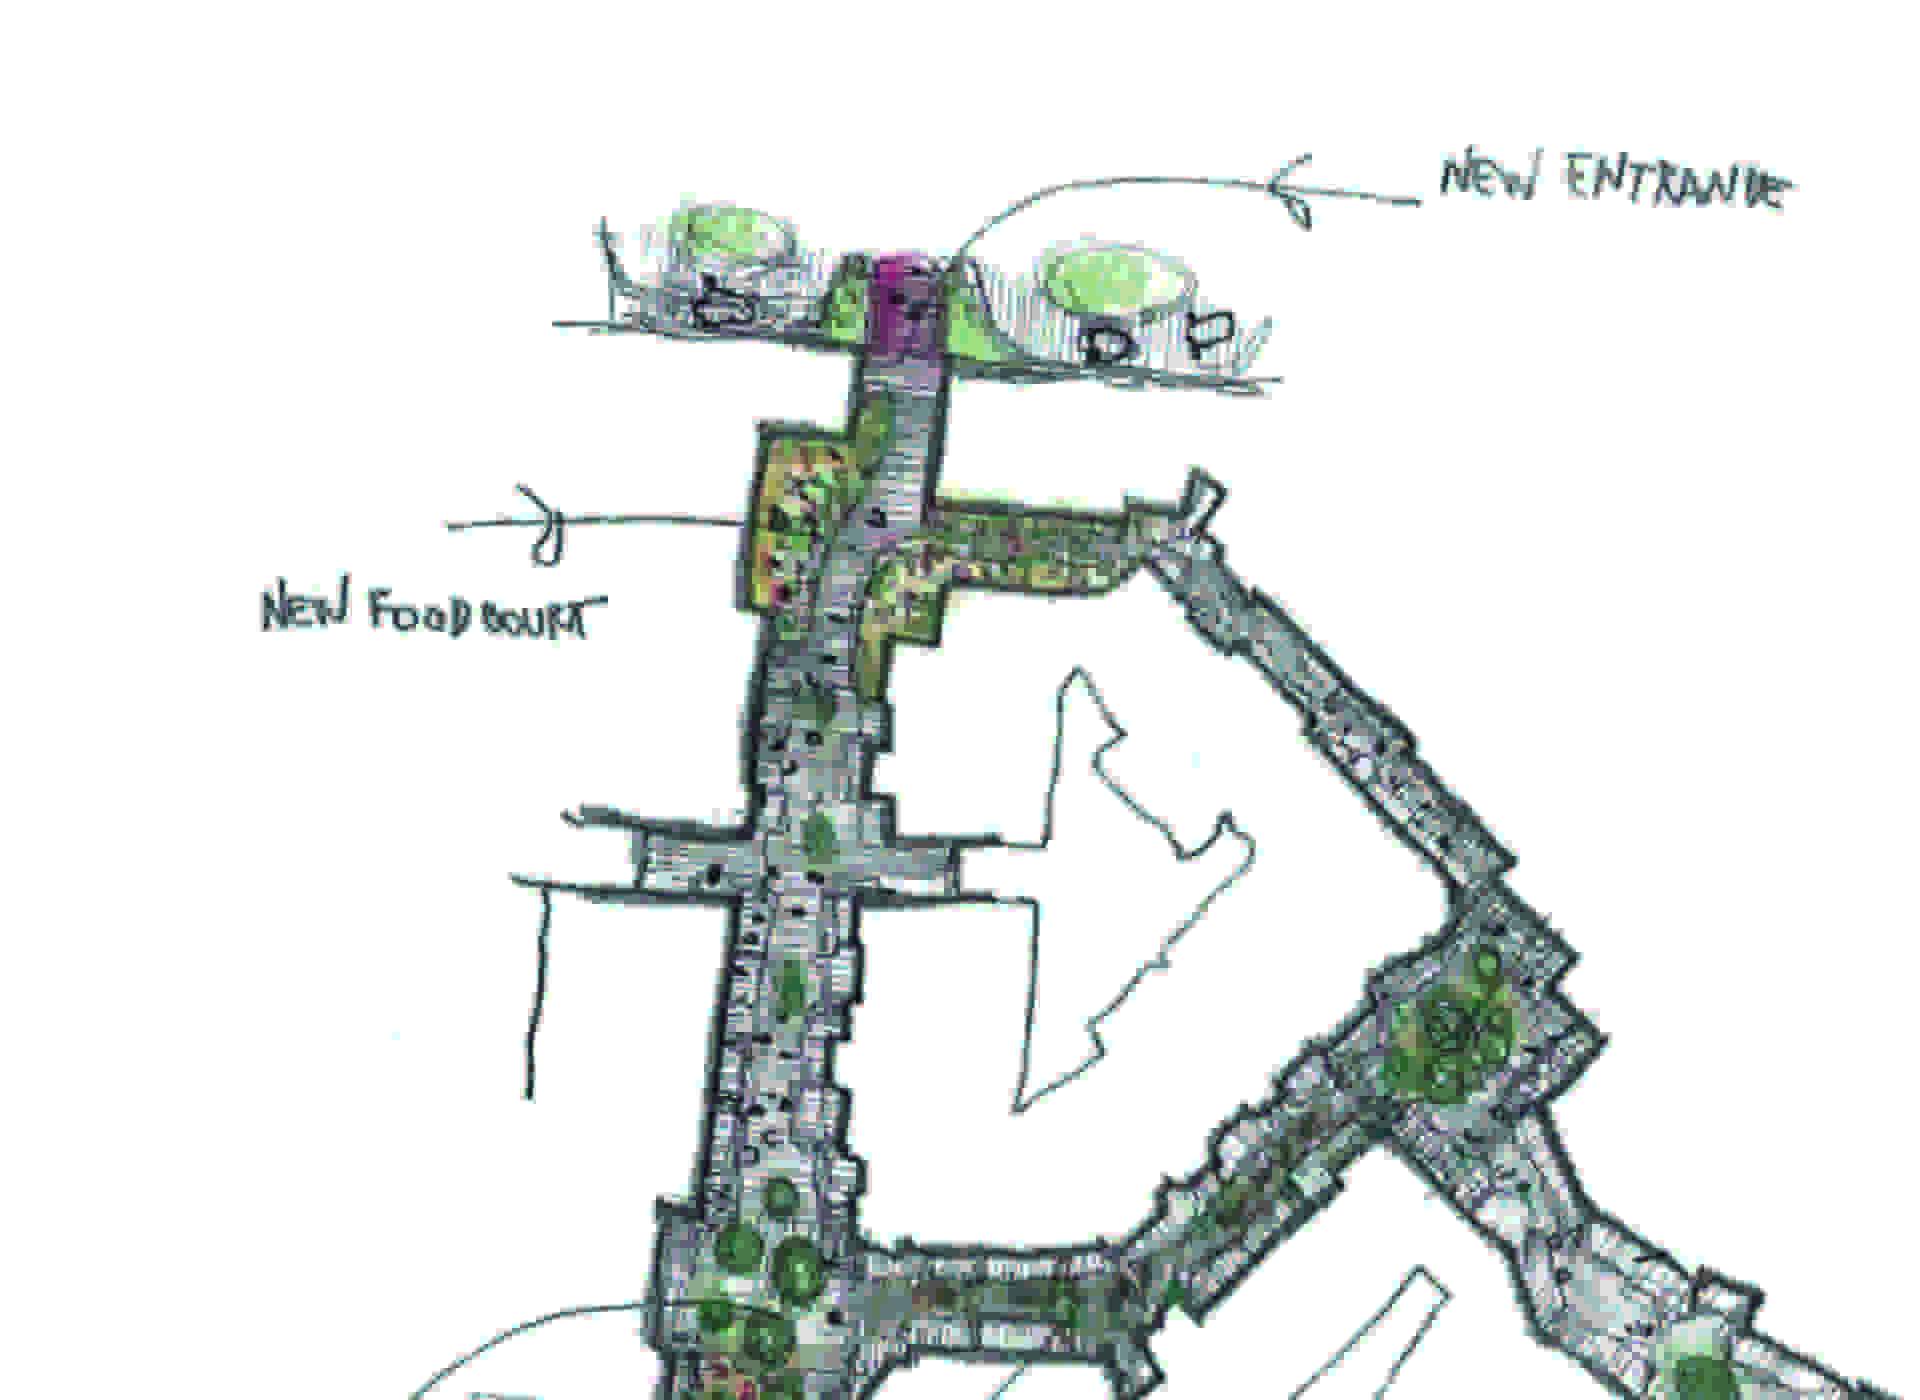 Lombardini22: Nueva entrada y Zona de Restaurantes en el Valmontone Outlet